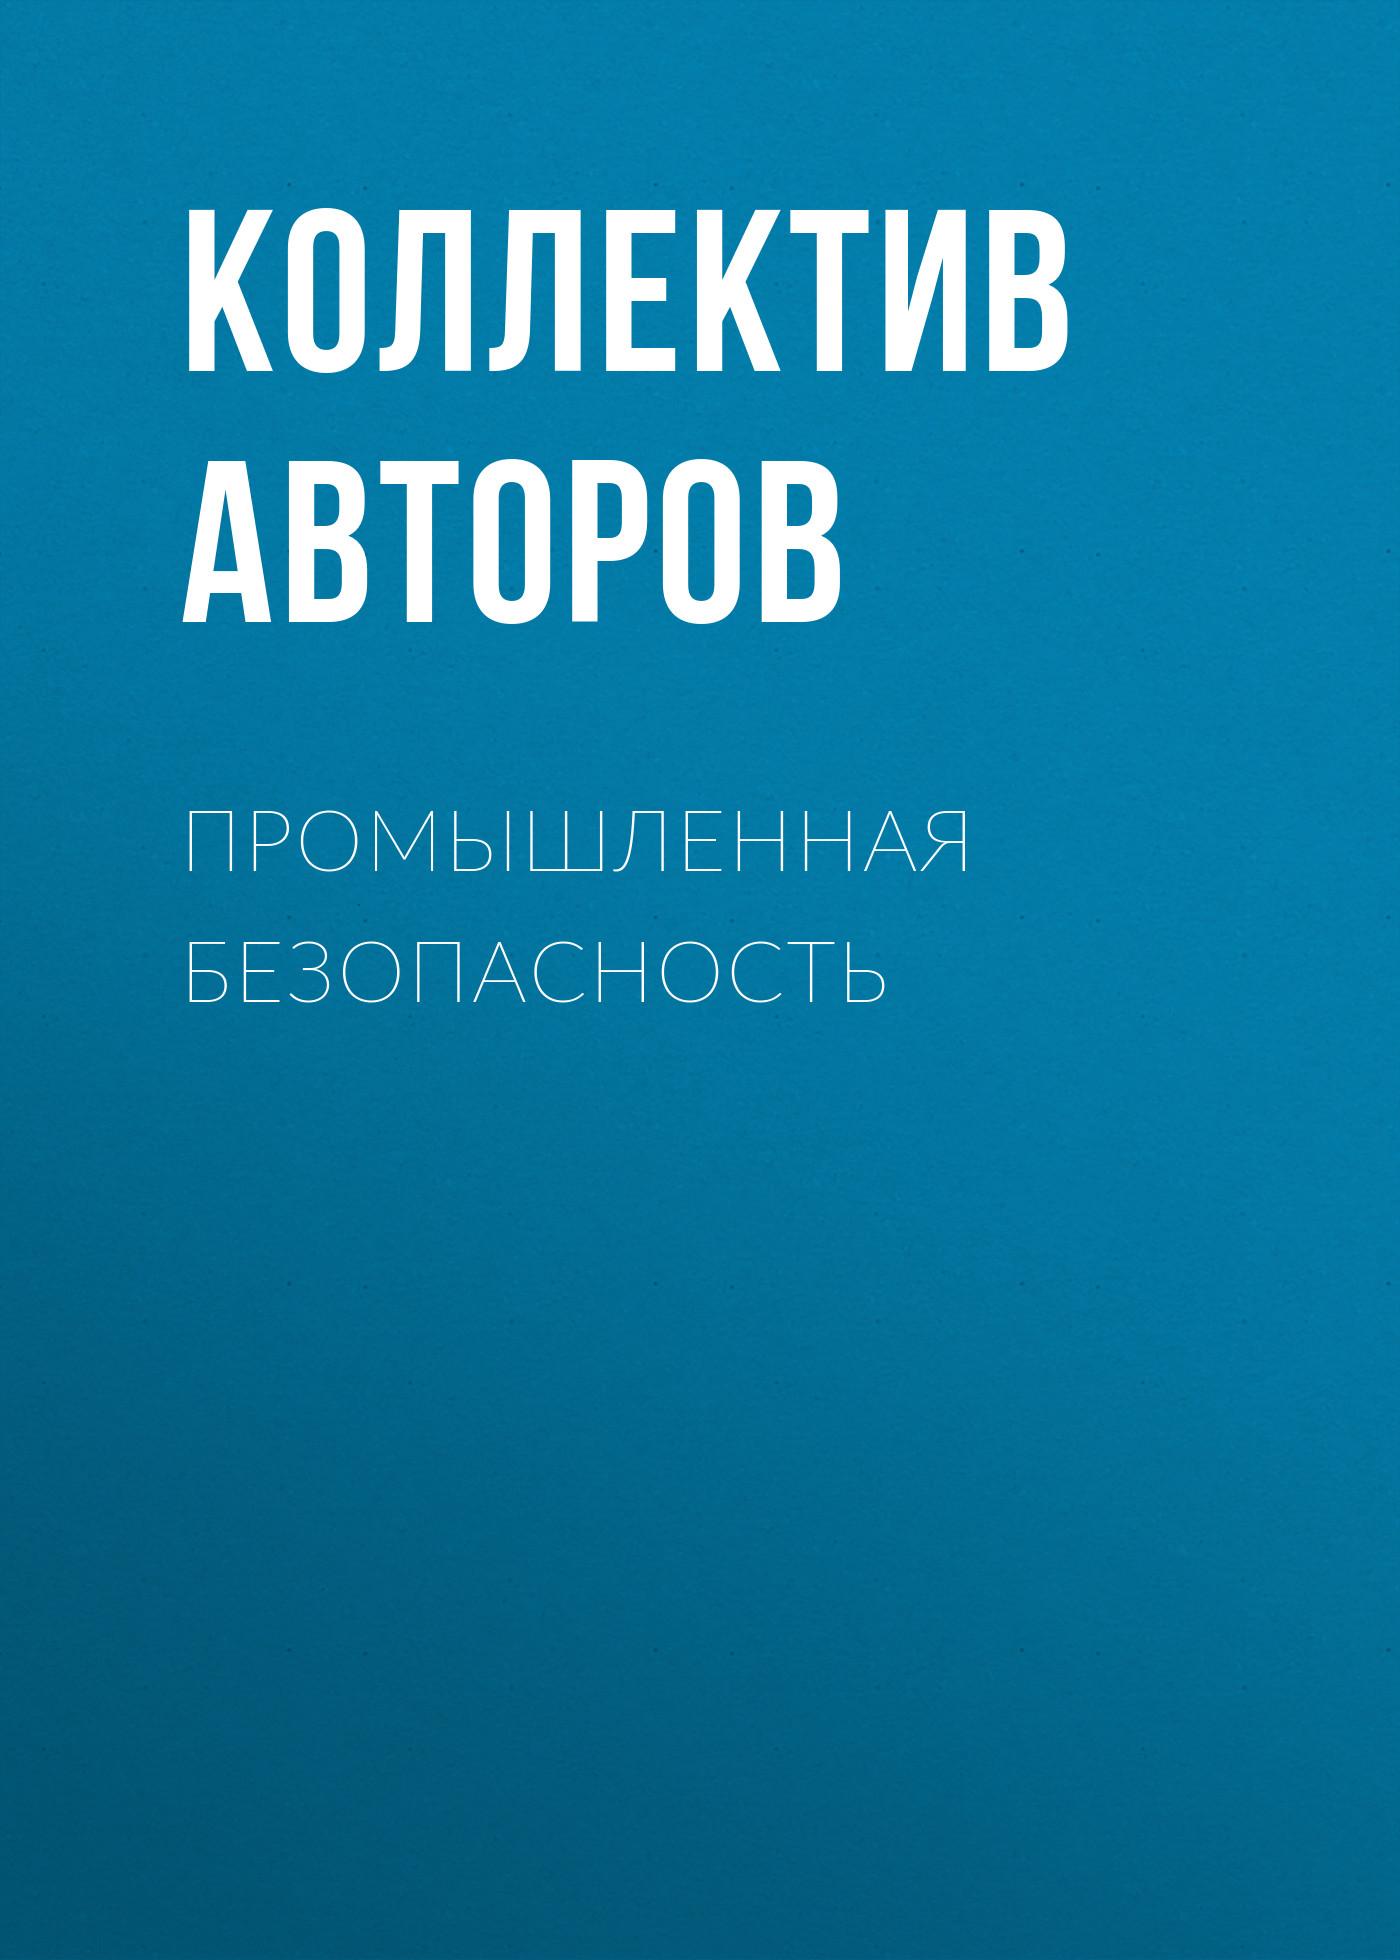 Коллектив авторов Промышленная безопасность и окунева о резервах повышения производительности труда